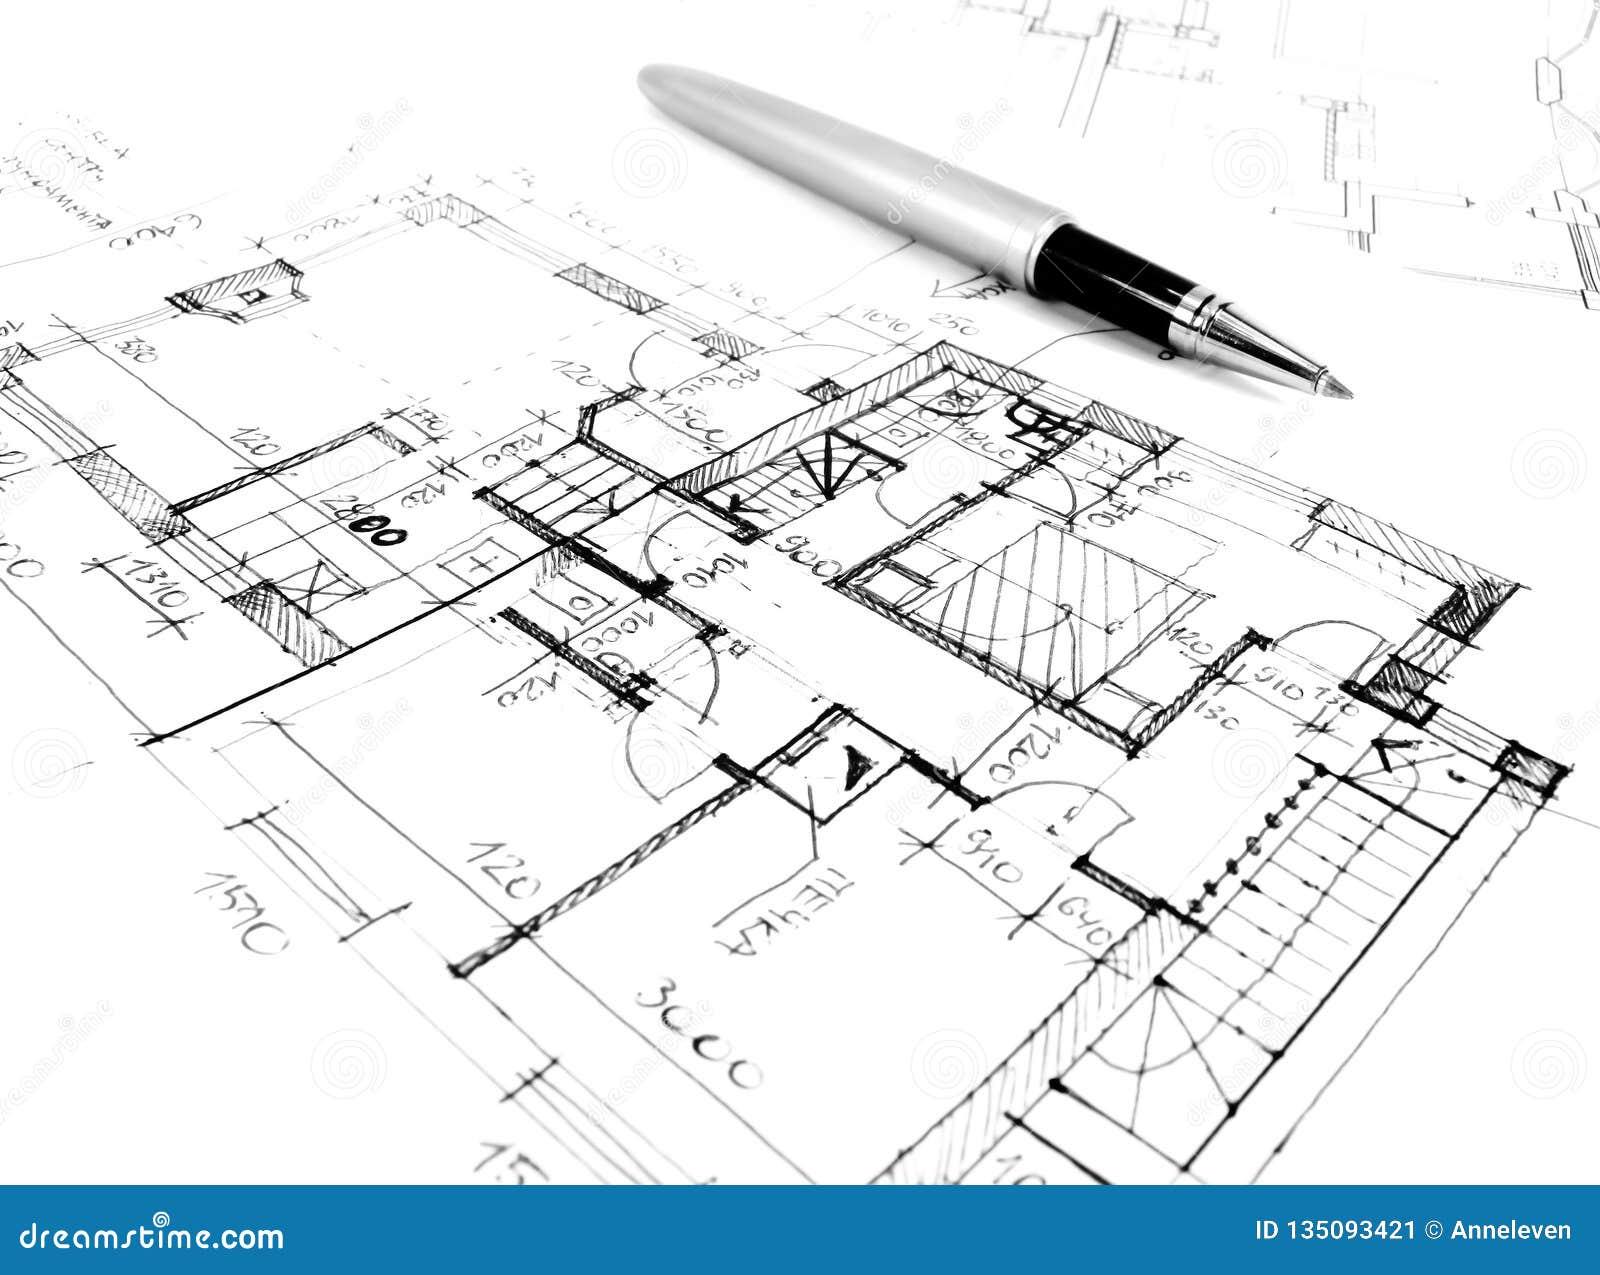 αρχιτεκτονικό σχέδιο σχεδίων του προγράμματος σπιτιών - αρχιτεκτονική, εφαρμοσμένη μηχανική και ορισμένη έννοια ακίνητων περιουσι